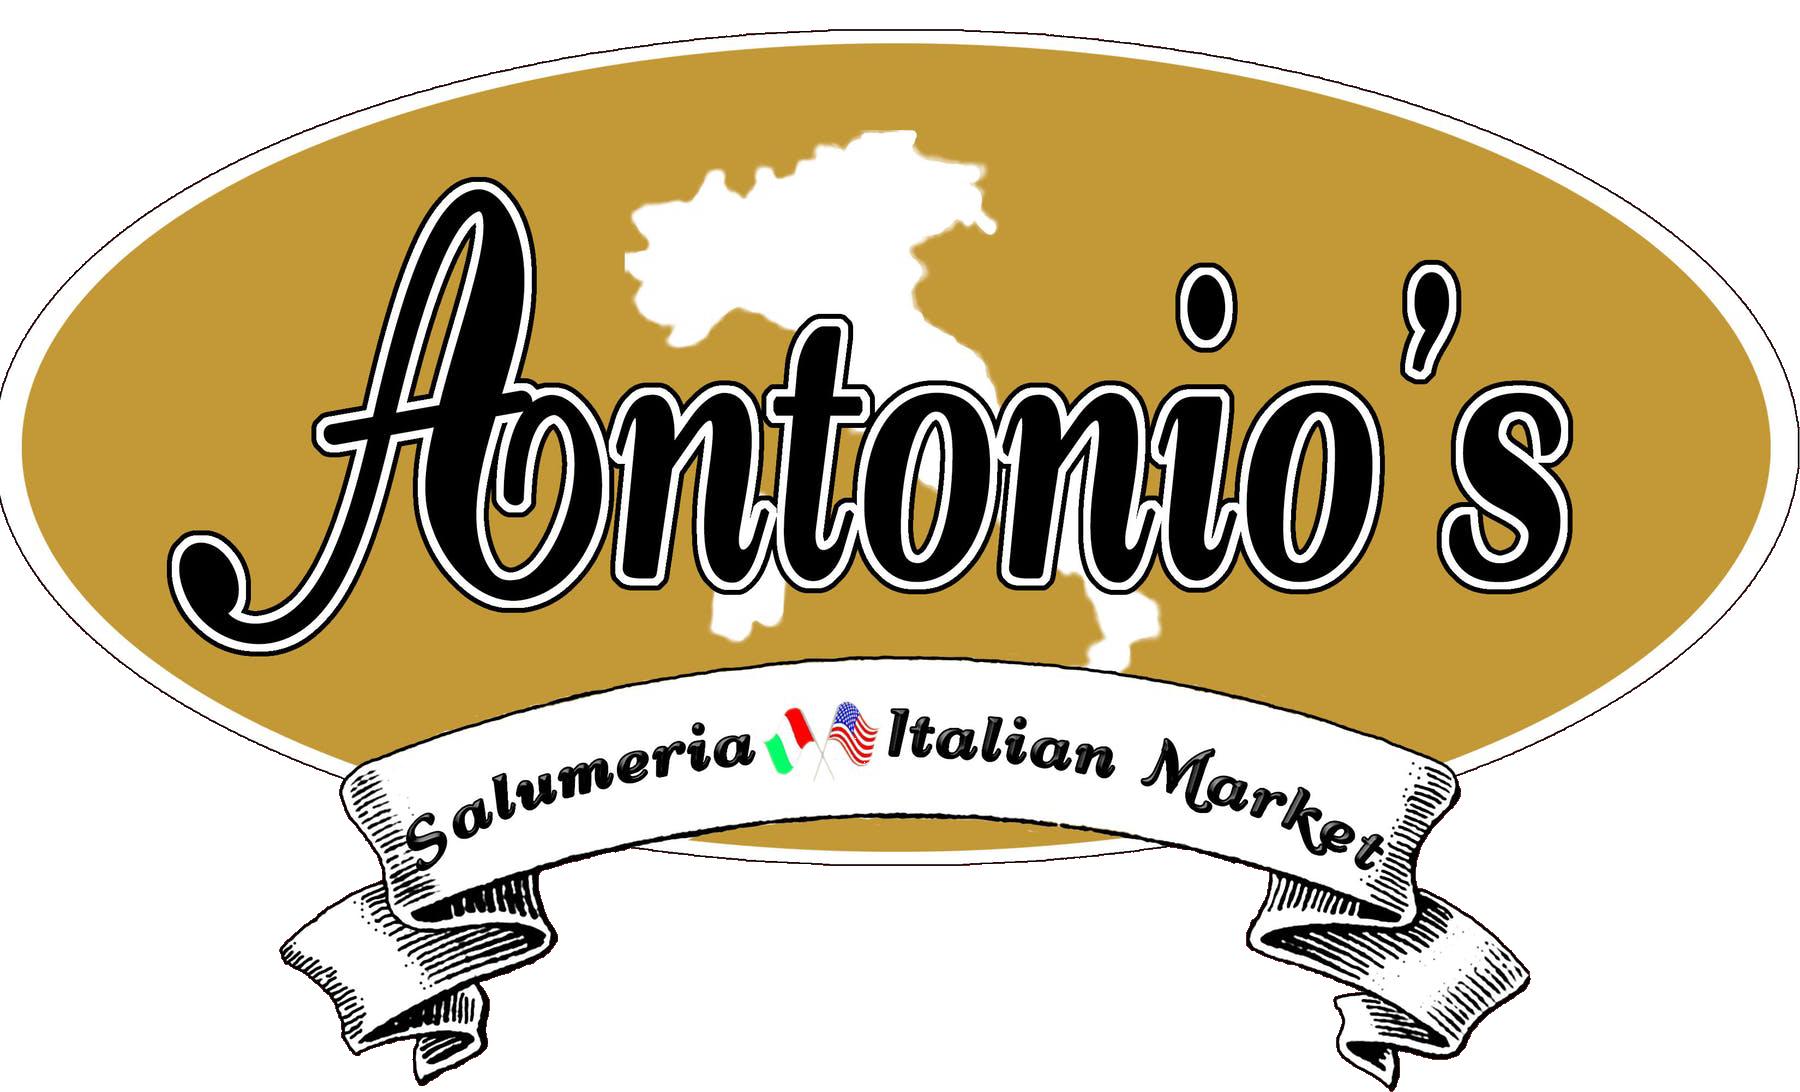 Antonio's Italian Market